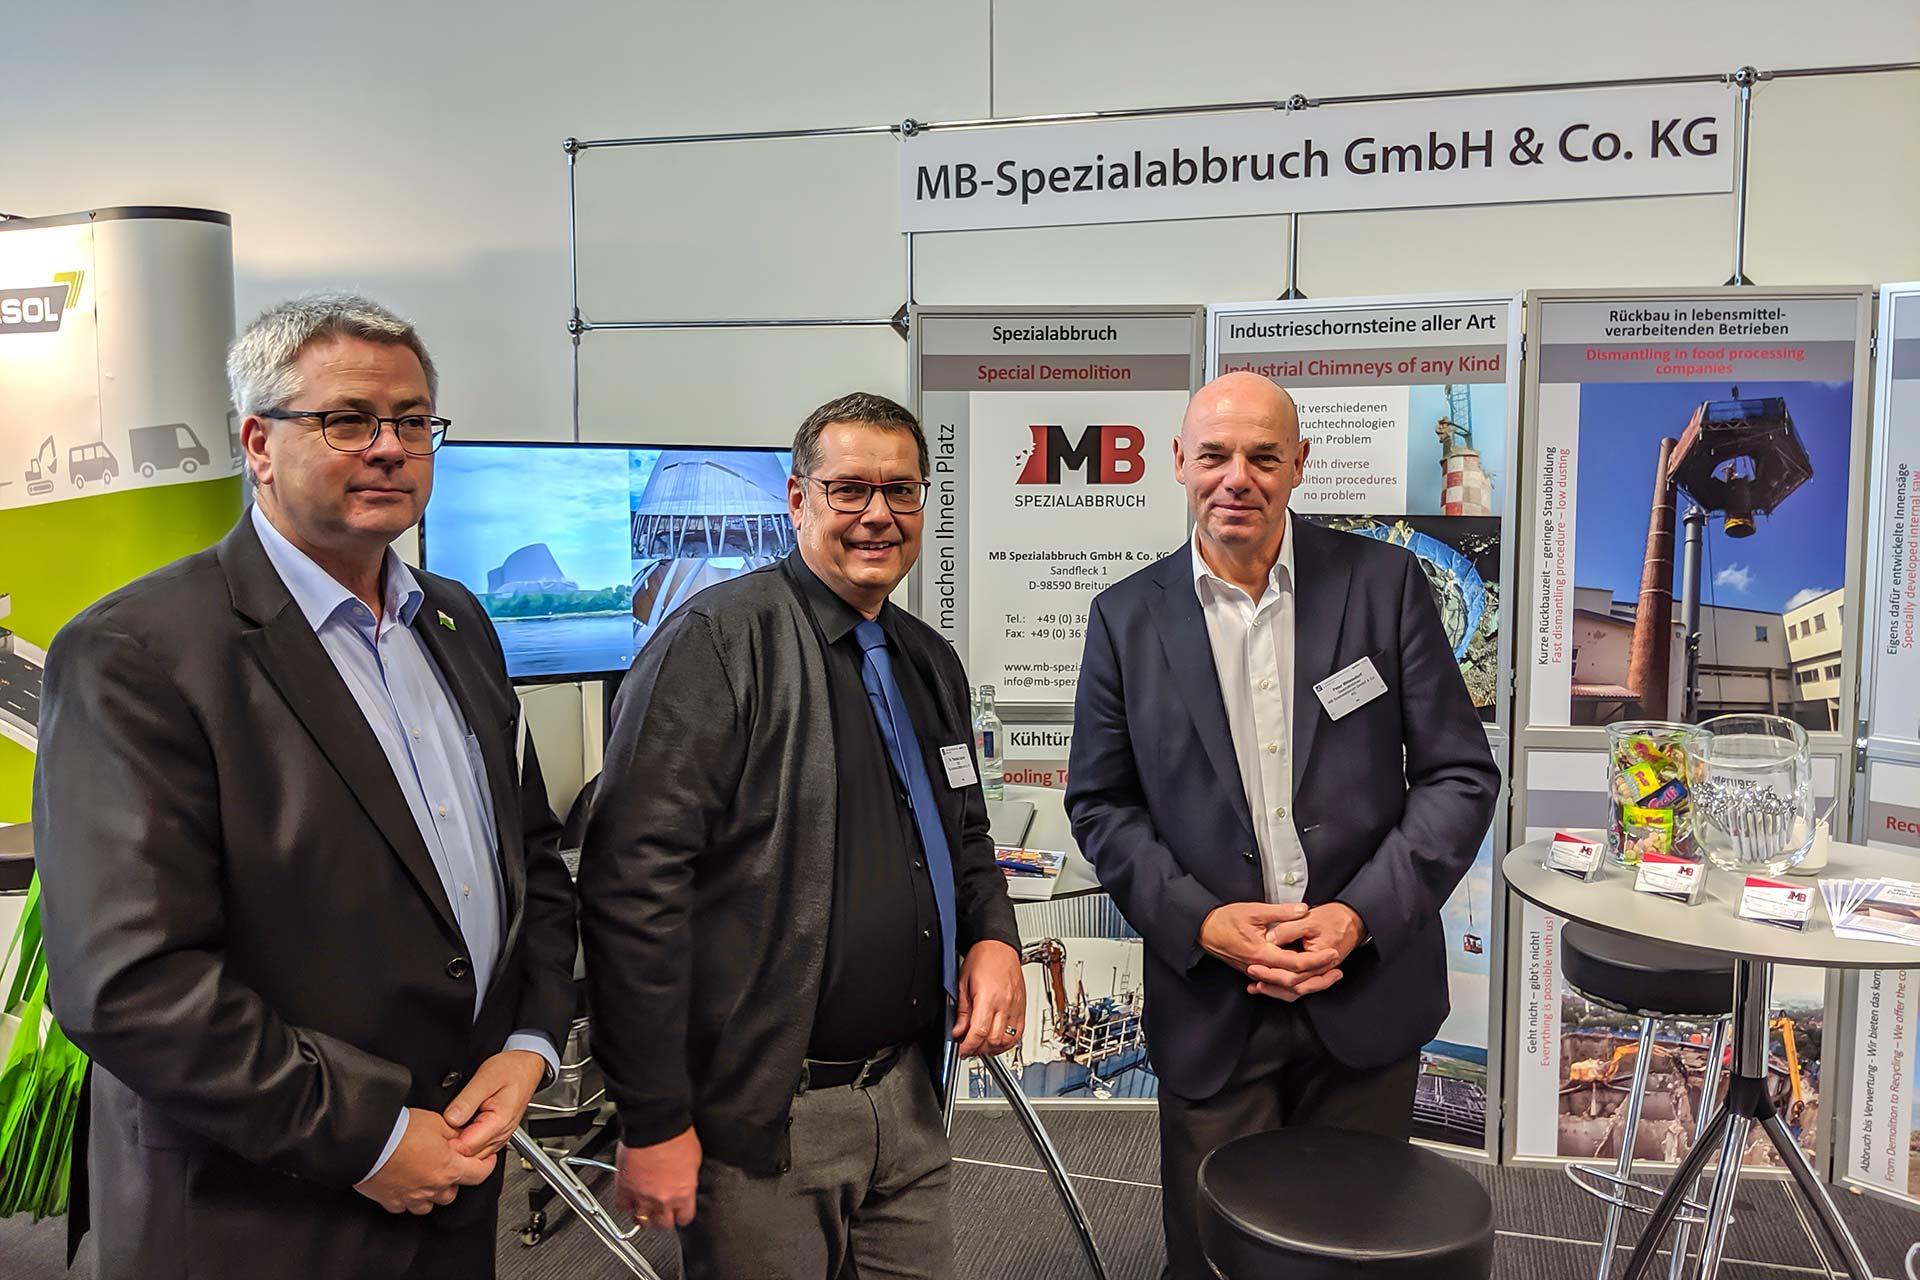 MB Spezialabbruch auf dem 2. Construction Equipment Forum in Mannheim - A. Kaschadt und P. Mittelsdorf